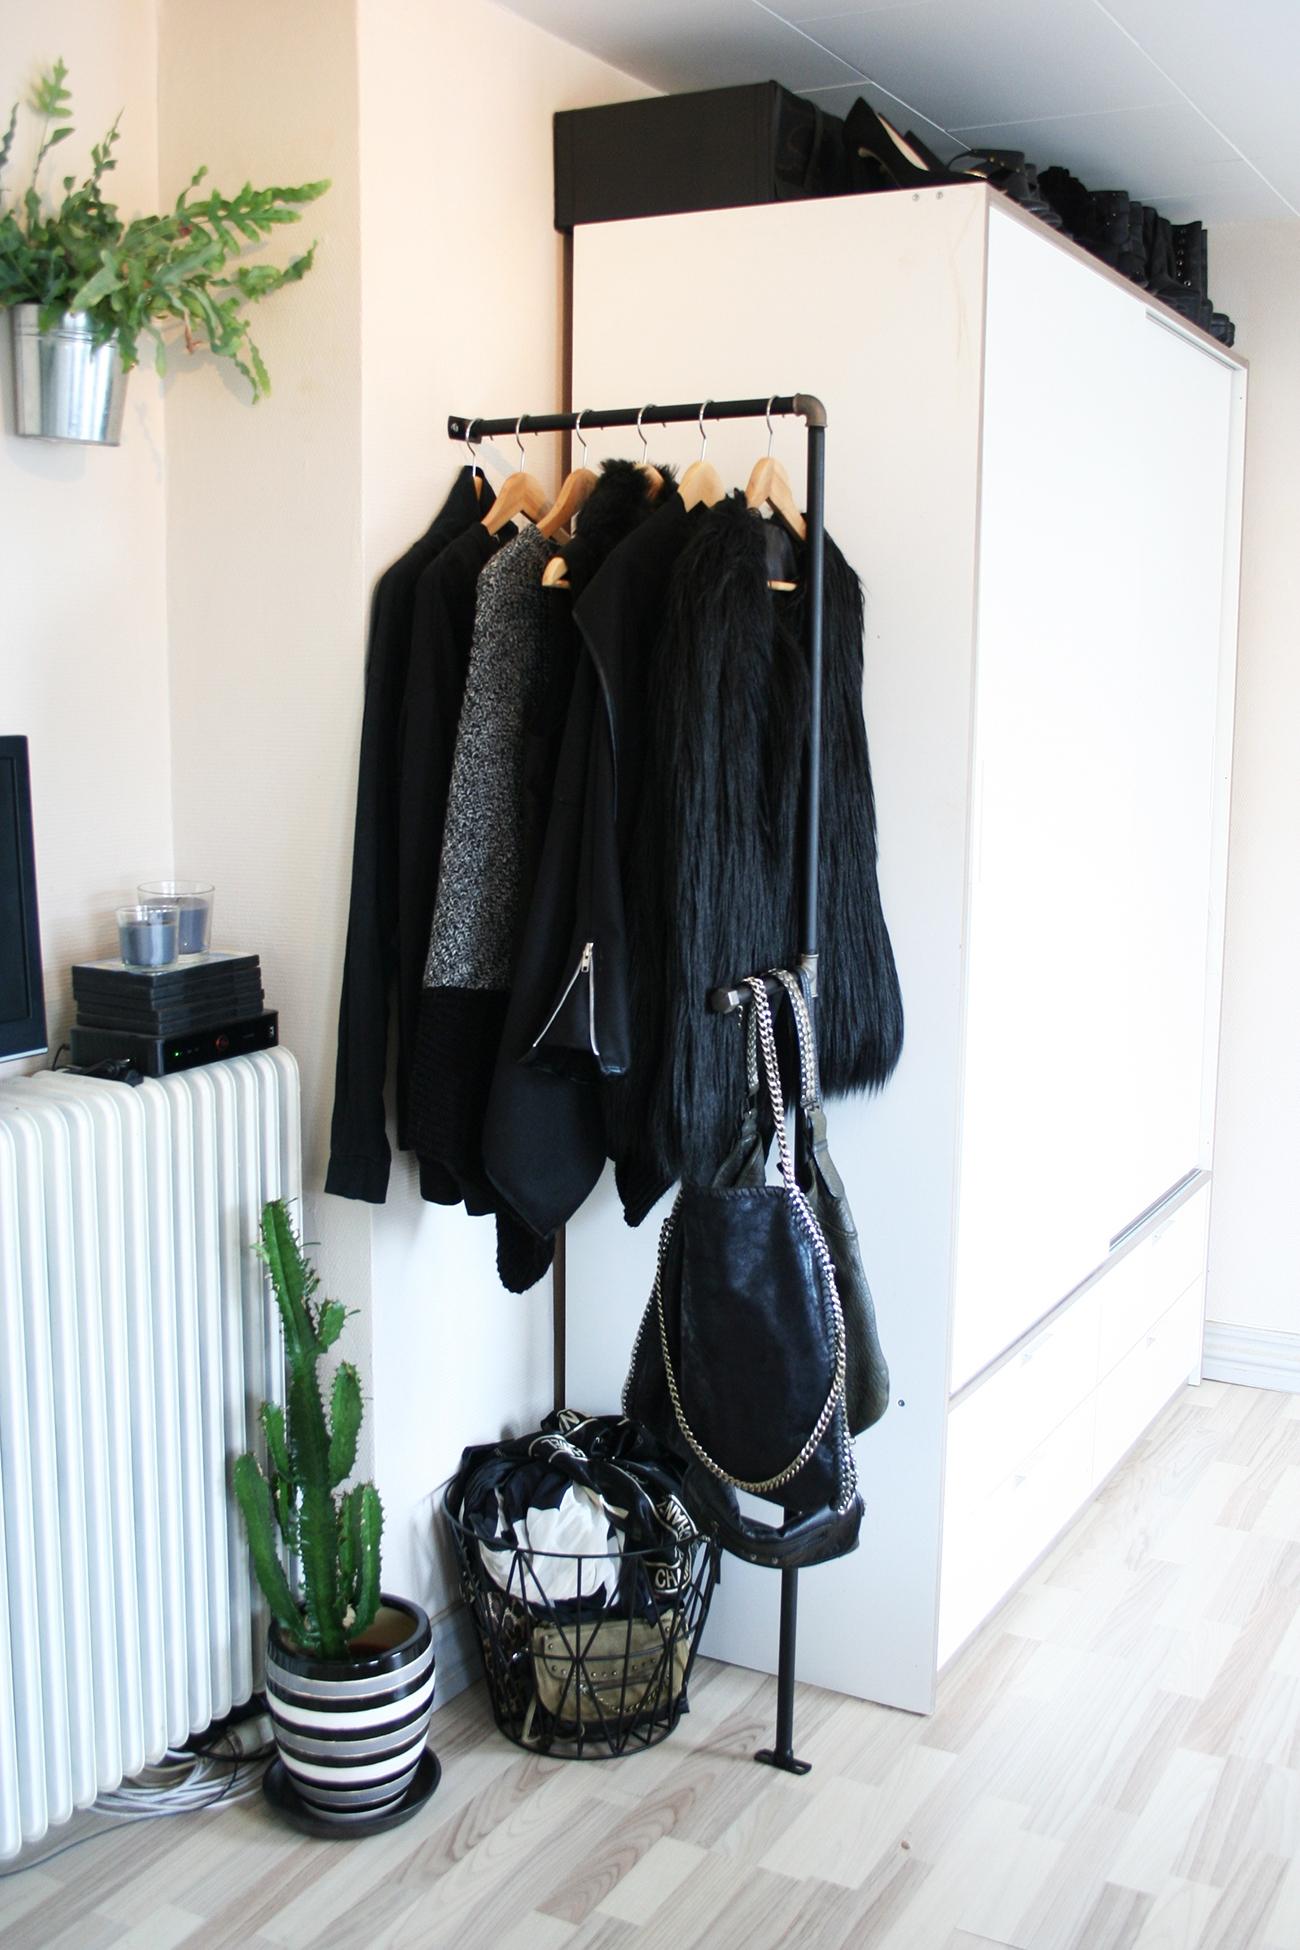 tøjstativ vandrør Pipe rack | Et tøjstativ af vandrør   Have a Seat | Interior  tøjstativ vandrør